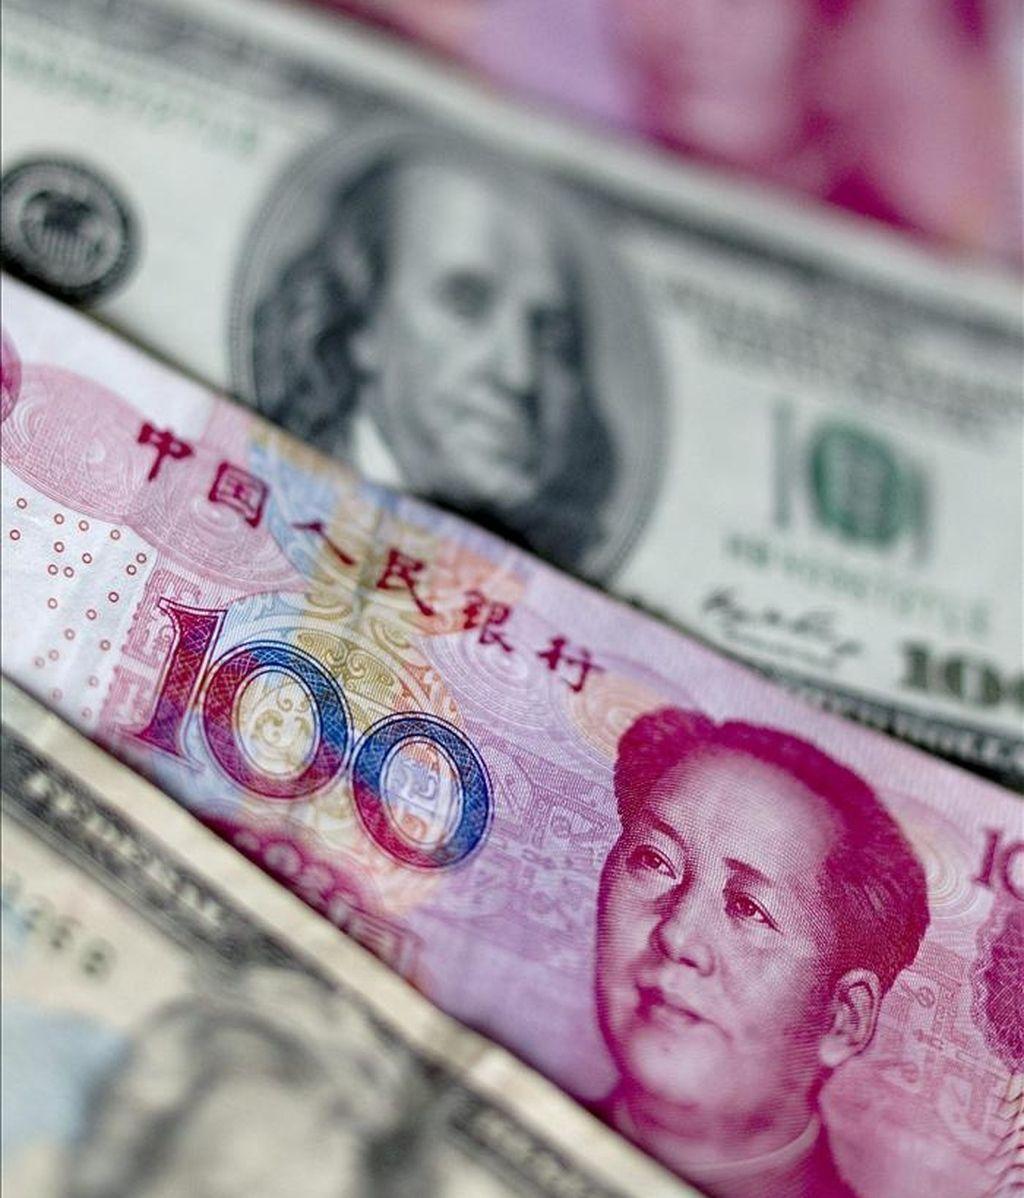 Billetes de la moneda china, el yuan y de la divisa estadounidense, el dólar, en Pekín, China. EFE/Archivo